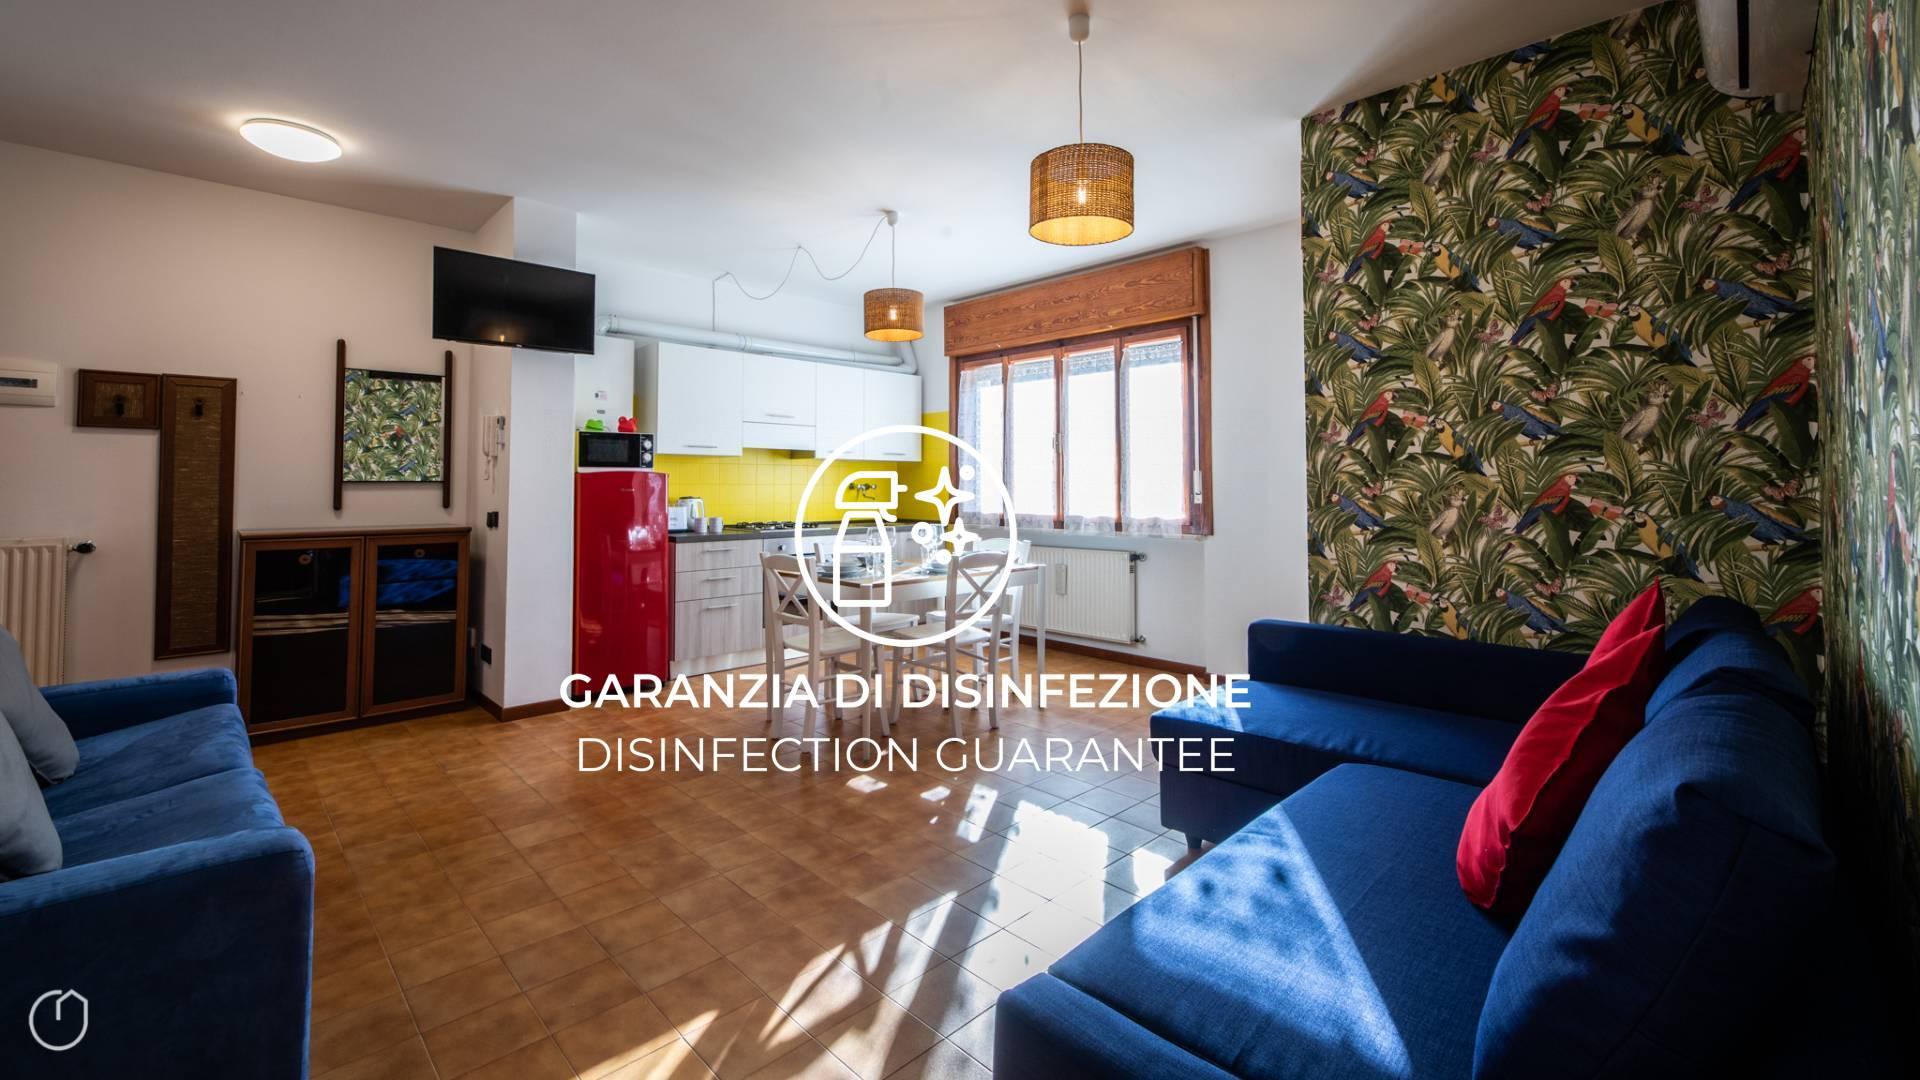 Appartamento in affitto a Udine, 1 locali, zona Zona: Semicentro, prezzo € 1 | CambioCasa.it